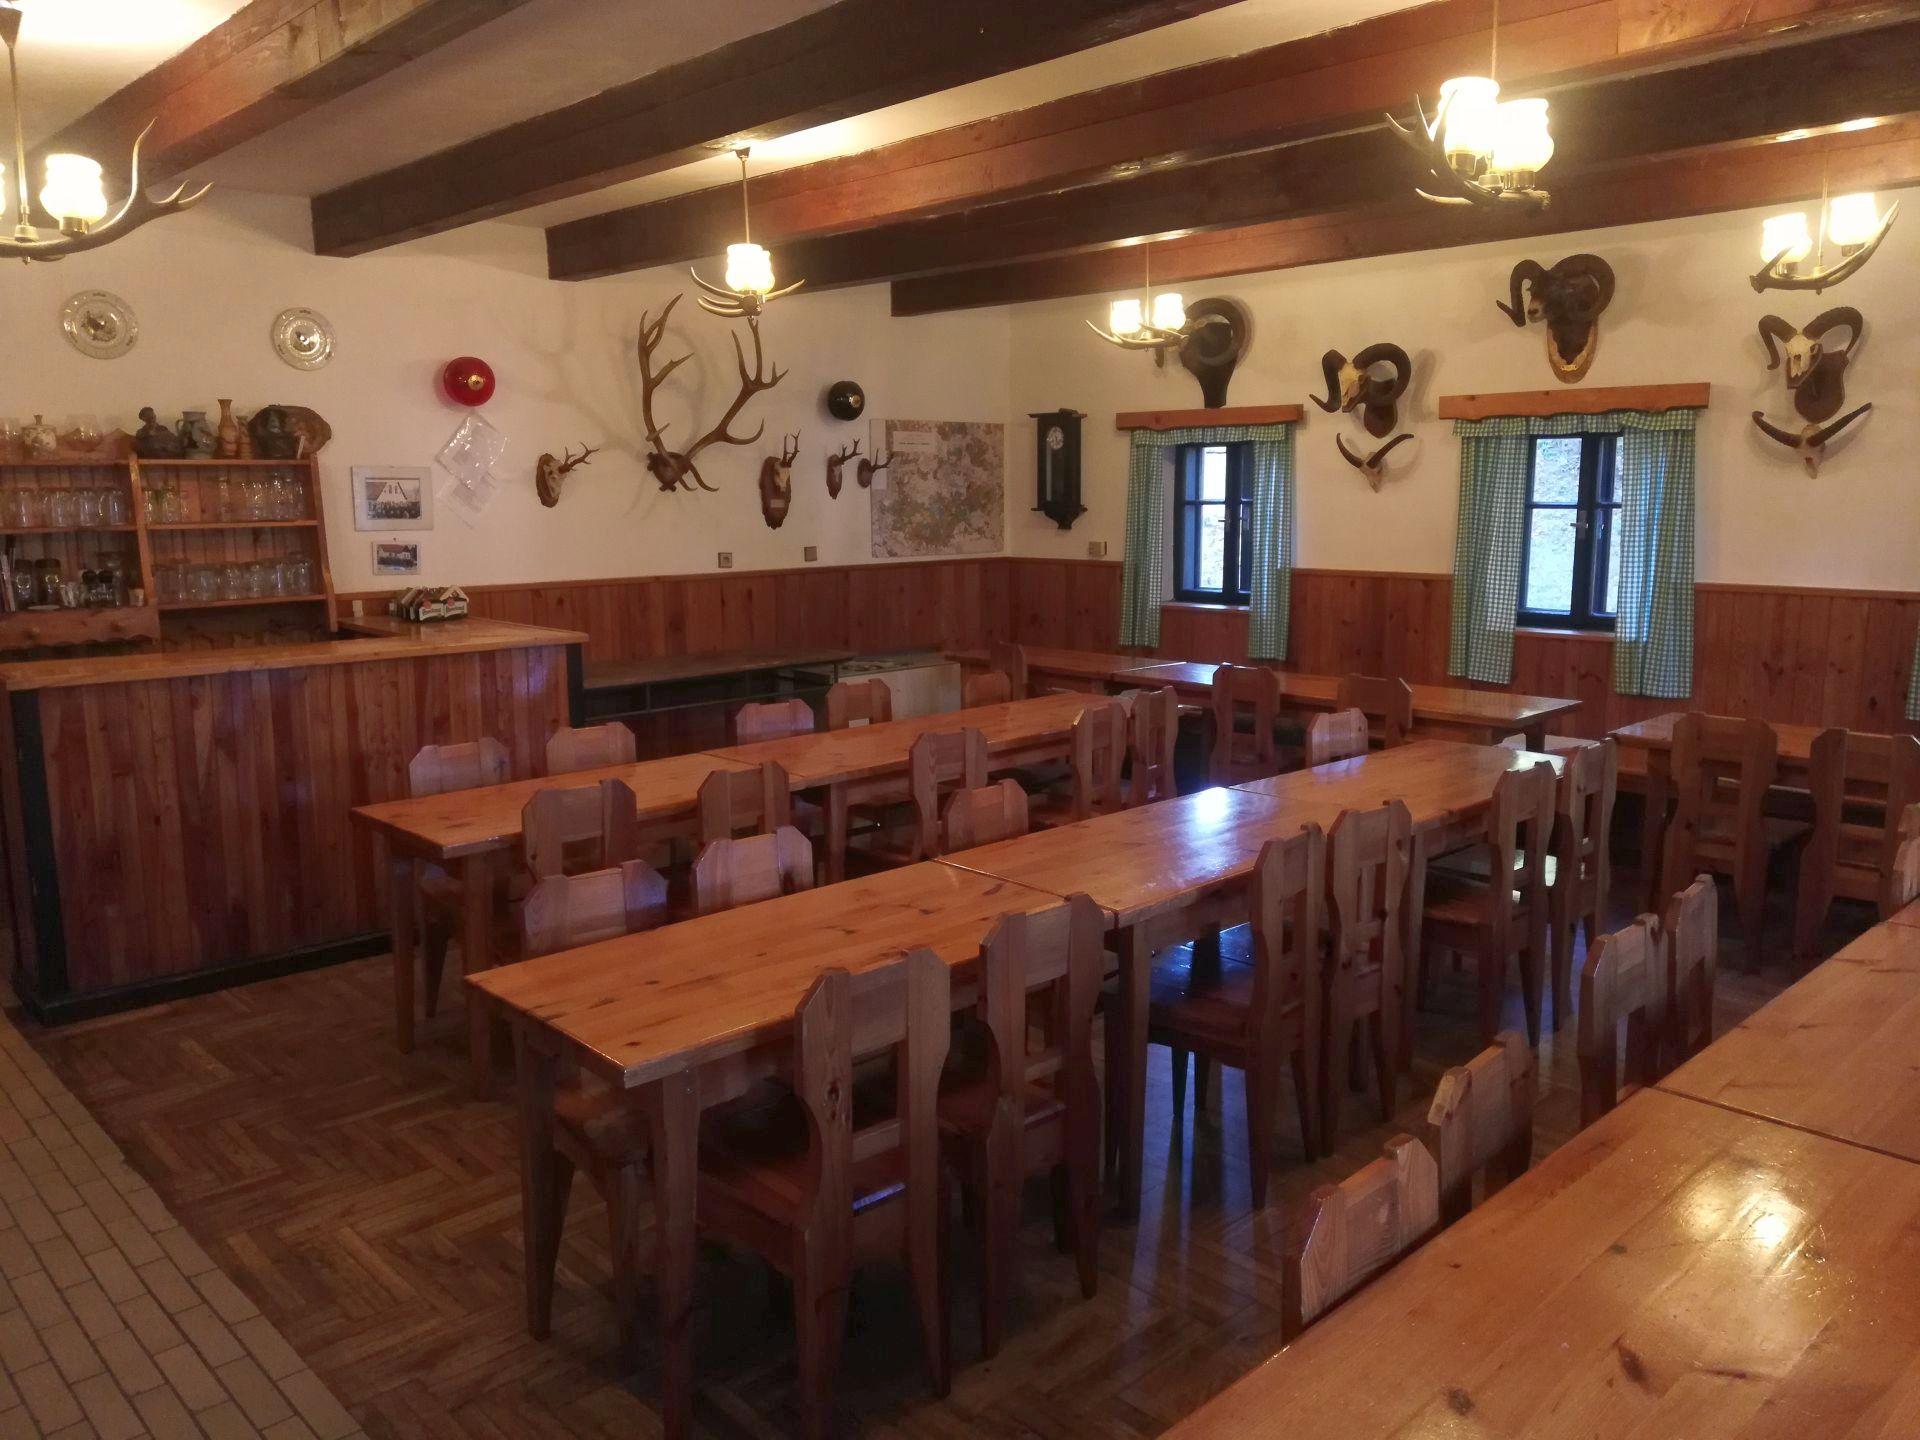 <h2>Myslivecký spolek Smržovka</h2><p>Využijte salónek s 50 místy a plně vybavenou kuchyní pro svatbu, oslavu narozenin a posezení s přáteli...</p><a href=\'ubytovani/\' class=\'btn\'>Ubytování</a>